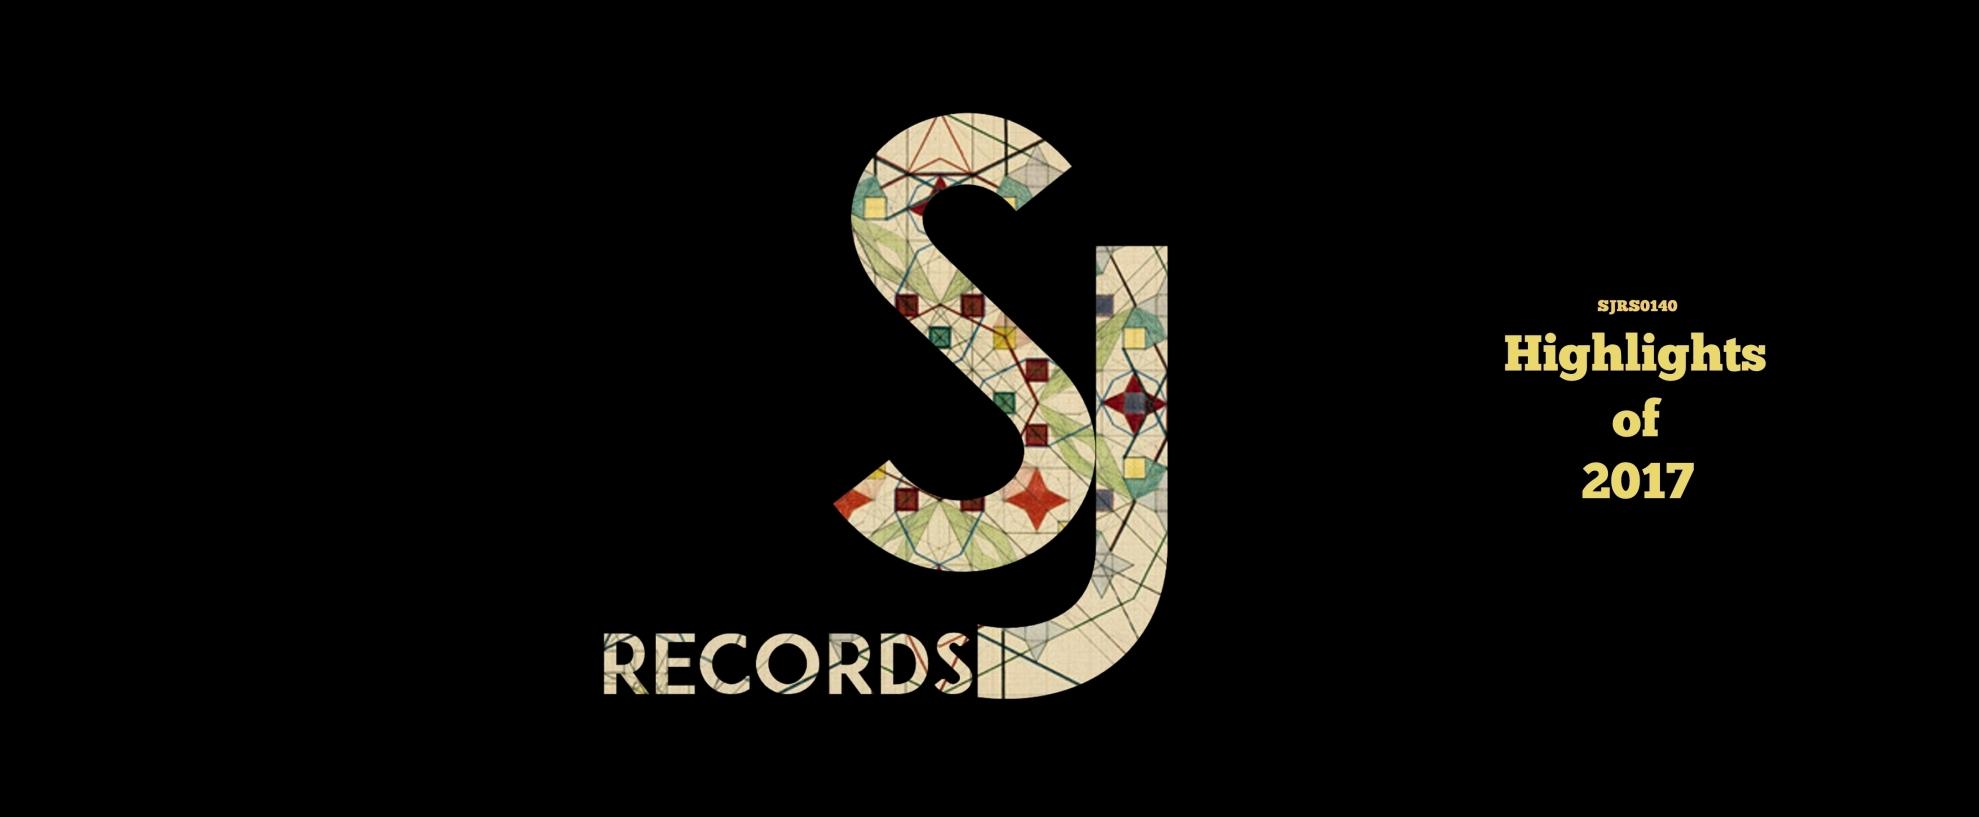 SJRS0140-slide